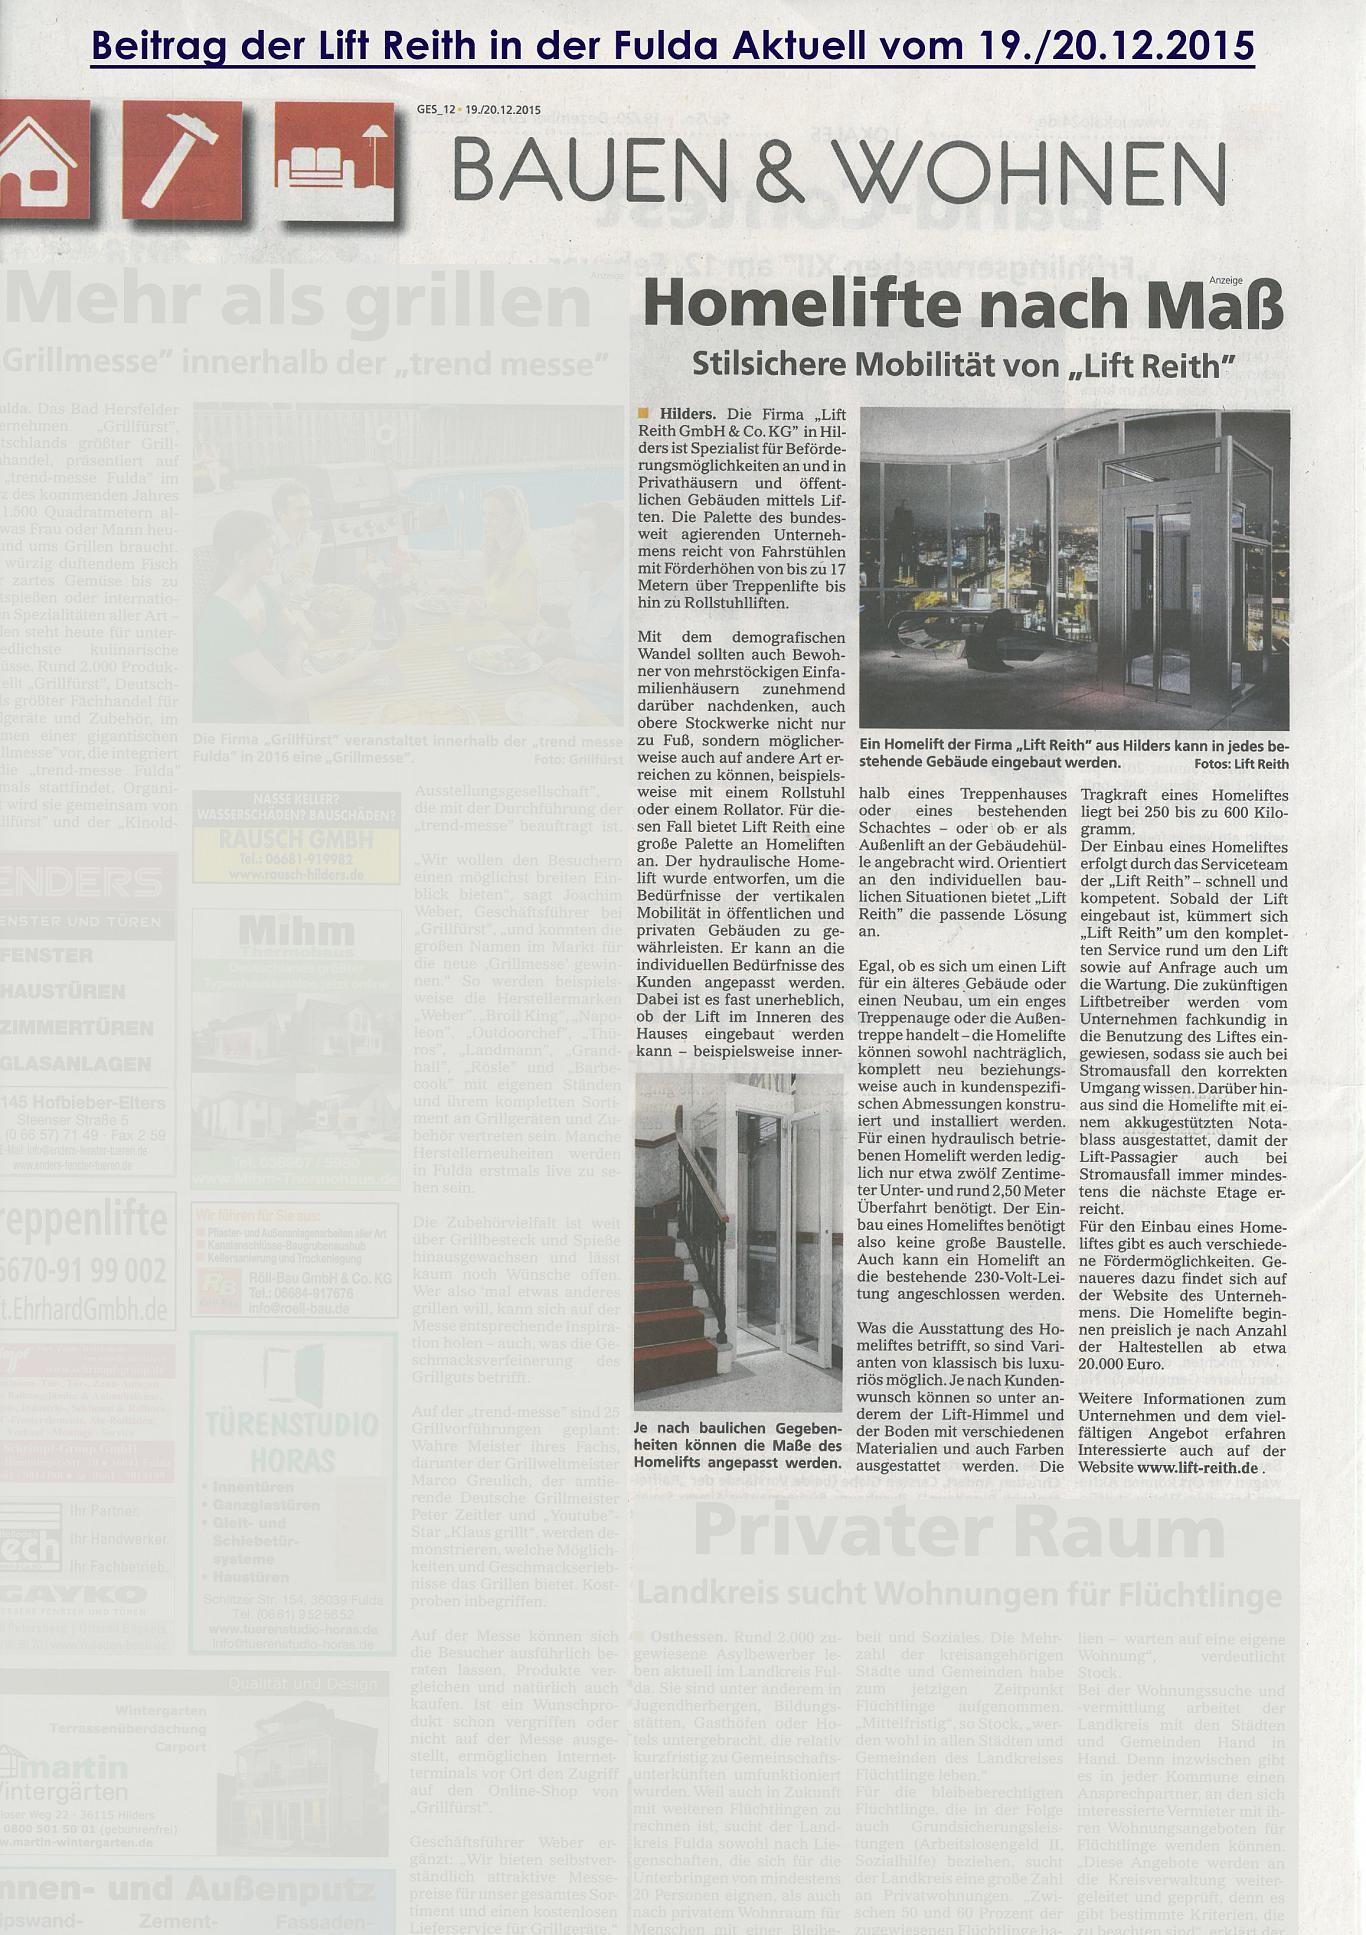 """Beitrag der Lift Reith """"Homelifte nach Maß"""" in der Fulda Aktuell"""